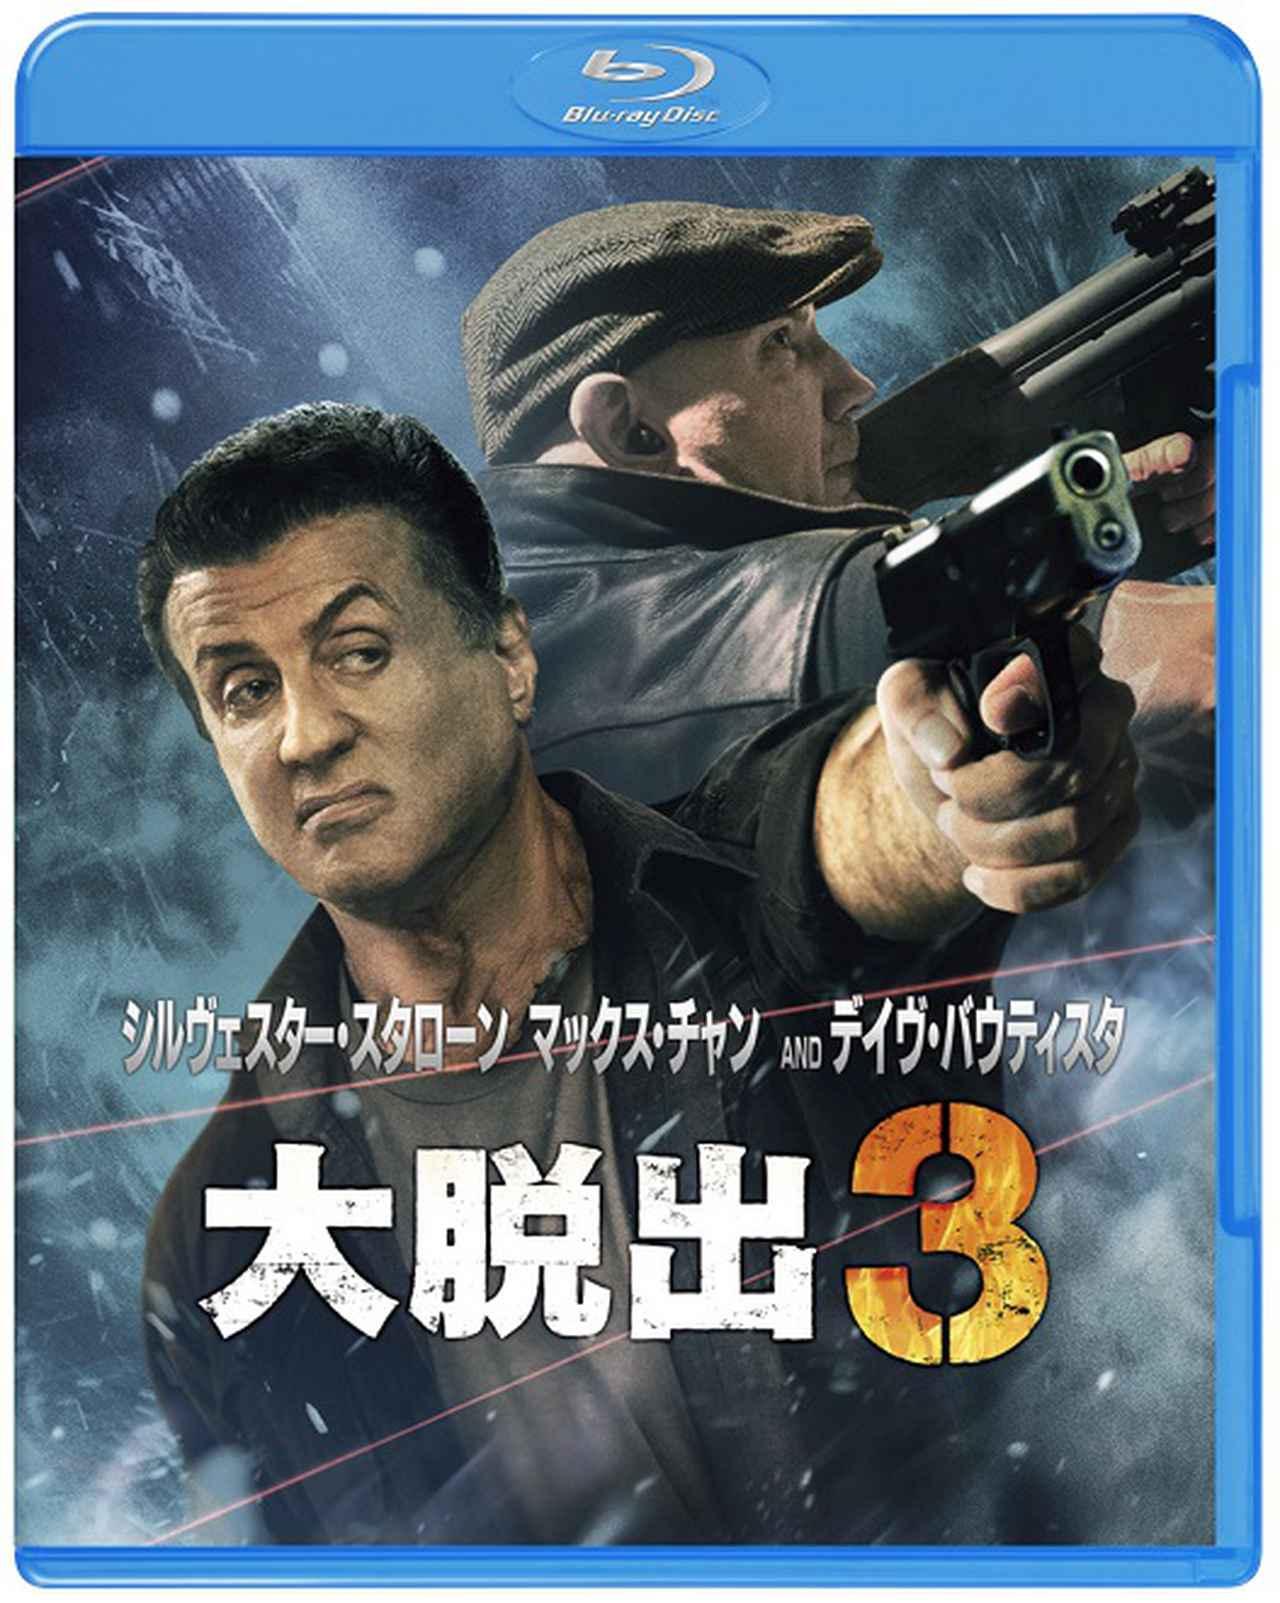 画像: 2020 年 1 月 8 日リリース 「大脱出 3」ブルーレイ&DVD セット (2 枚組)¥4,527+税 【特典映像】撮影の舞台裏、日本版劇場予告編(計約 11 分) デジタルセル配信同日開始